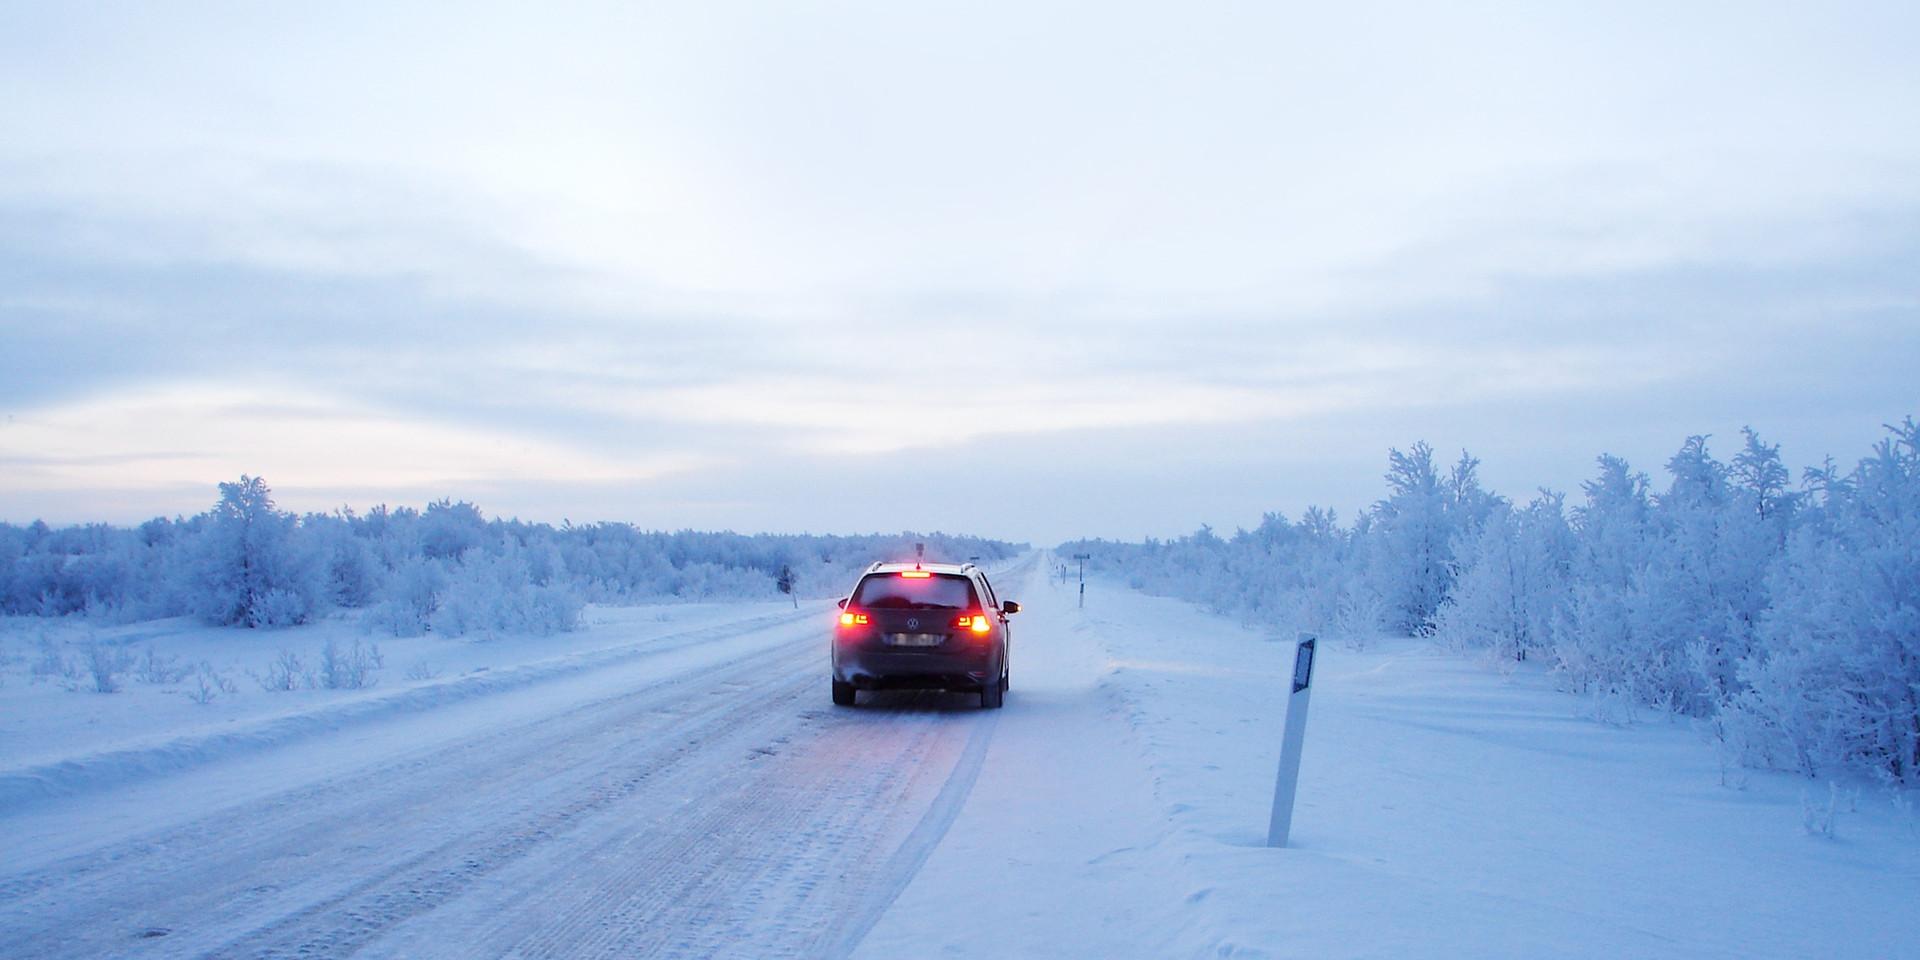 reisen zum nordkap mit dem auto